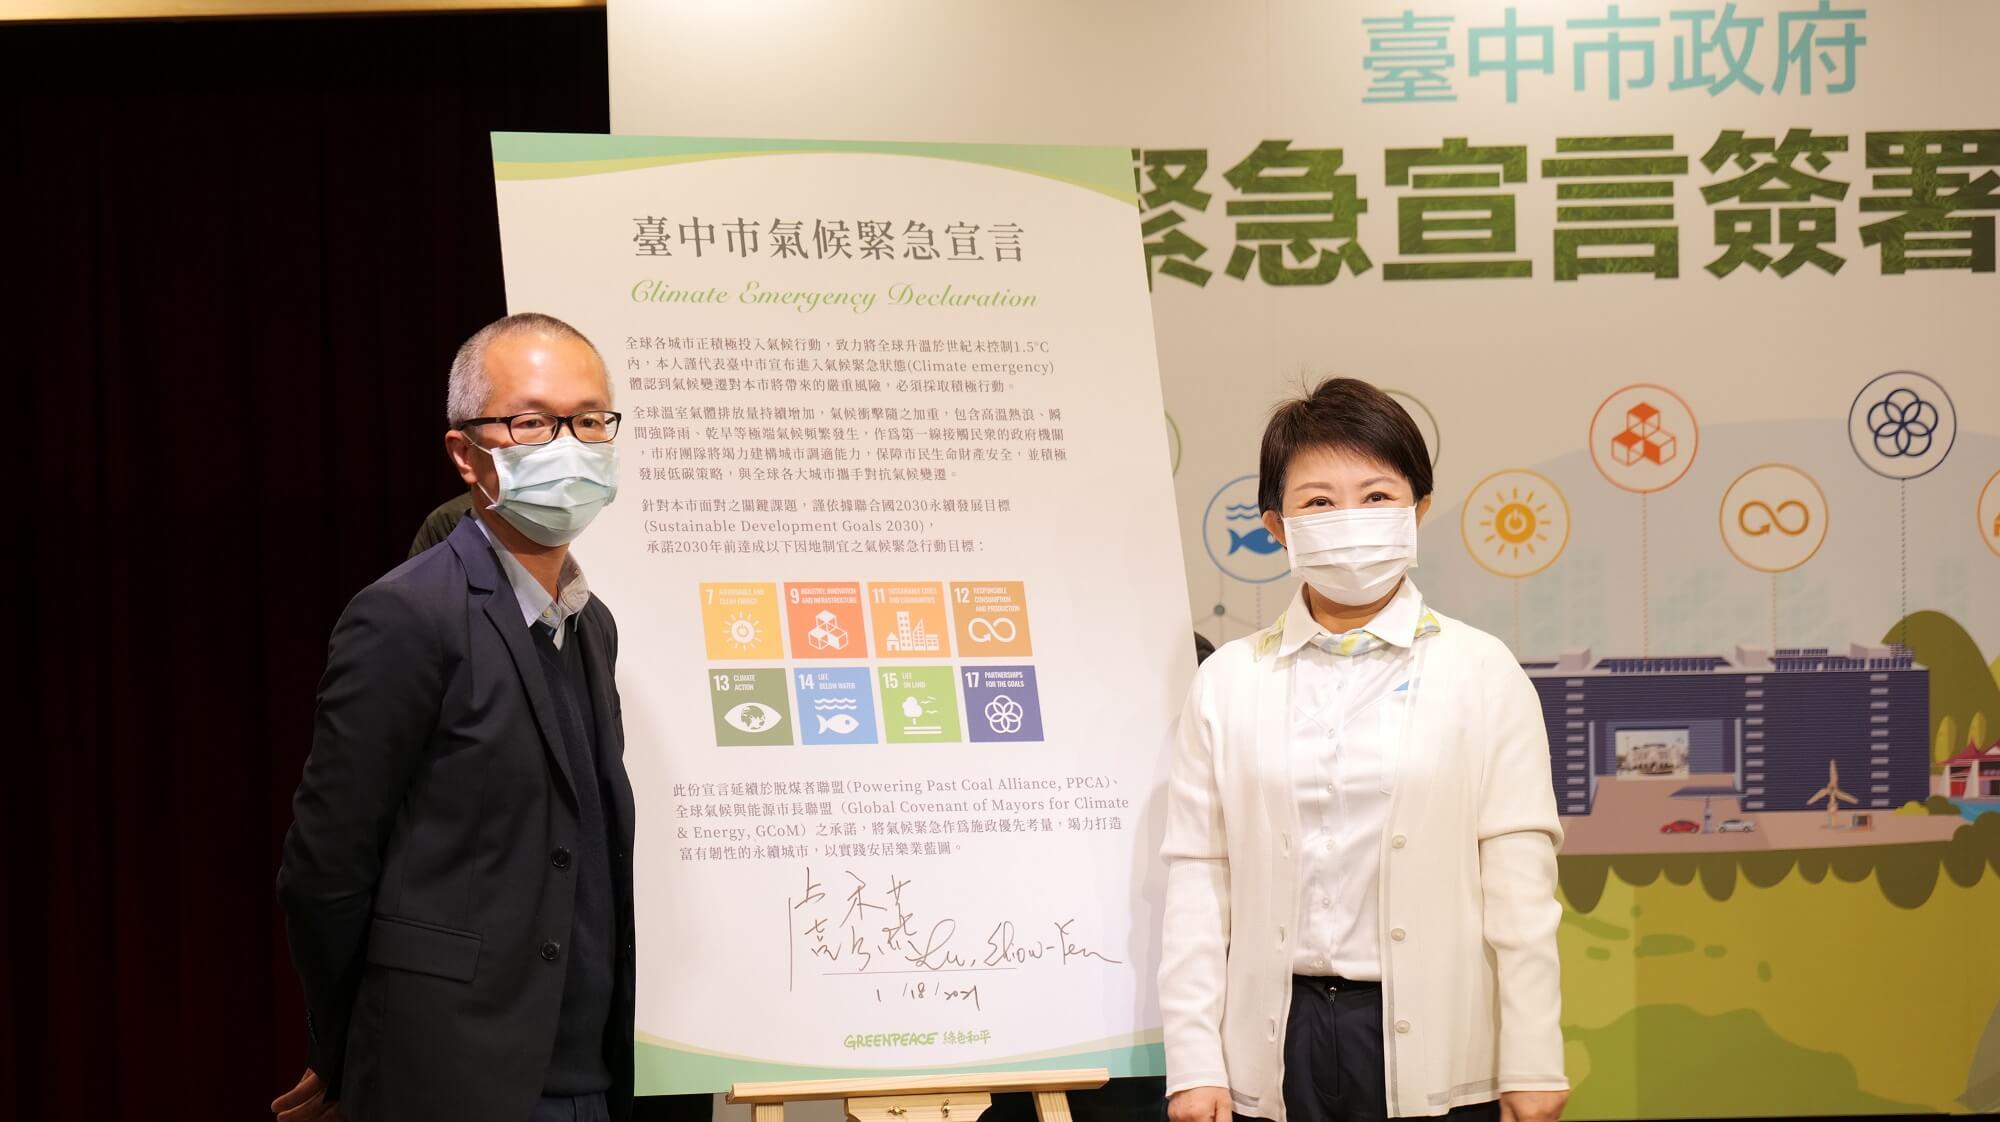 在台灣,綠色和平持續倡議拯救氣候,多個縣市政府先後宣佈氣候緊急。© Greenpeace